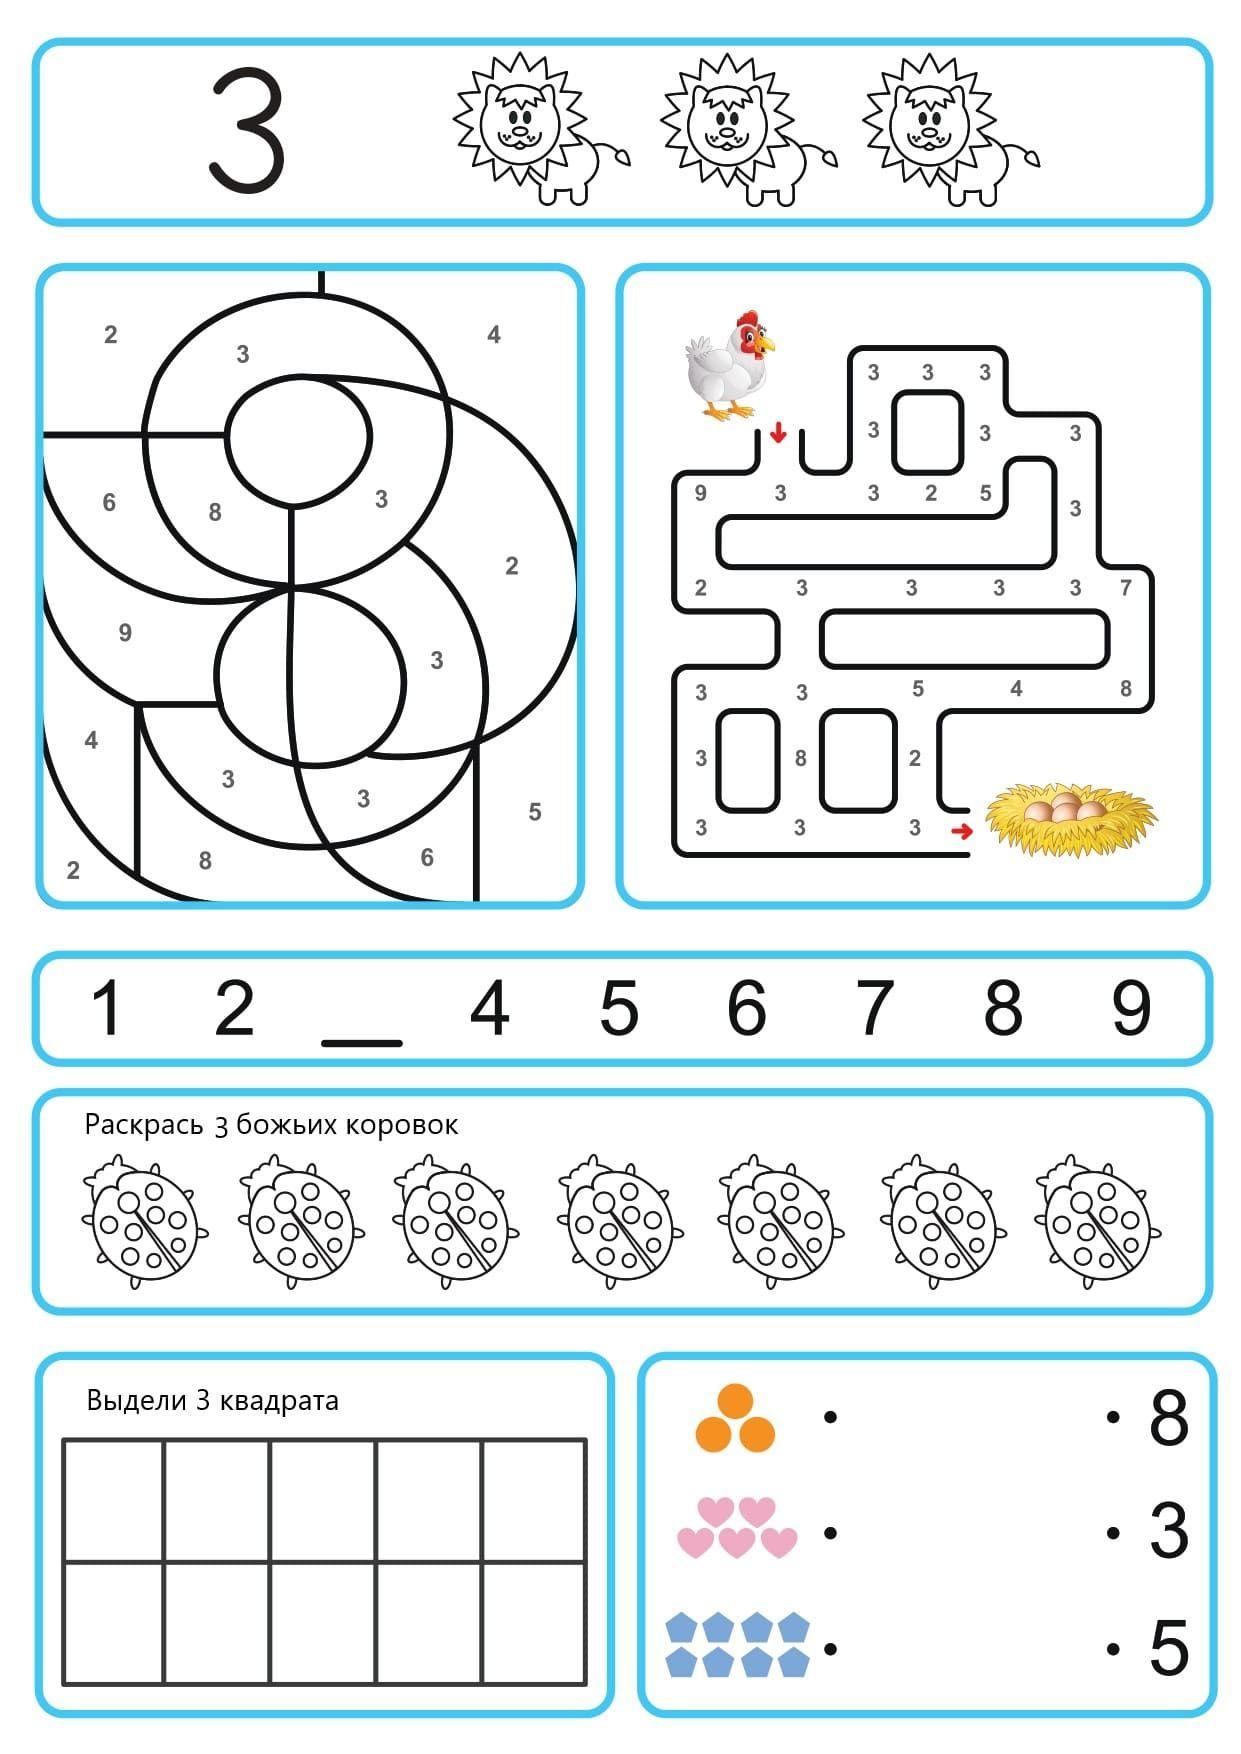 Zadaniya Dlya Podgotovki Detej K Shkole Analogij Net V 2020 G Razvivayushie Uprazhneniya Shkola Podgotovka K Shkole Doma